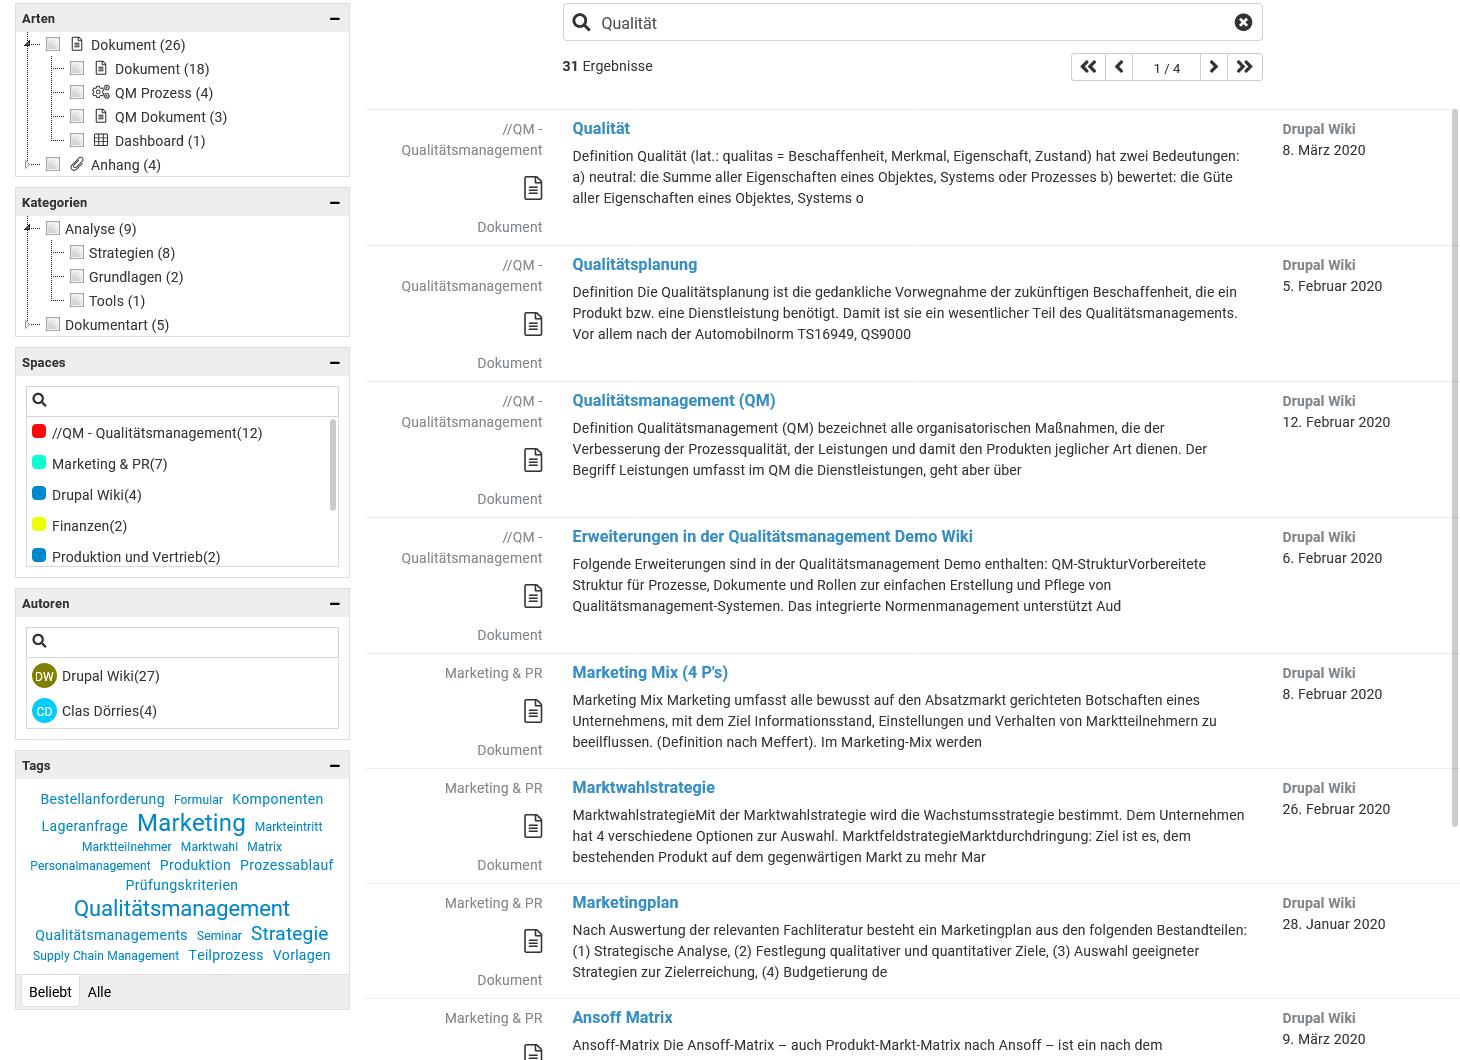 Mit der Enterprise-Suche können breite Suchanfragen leicht verfeinert werden